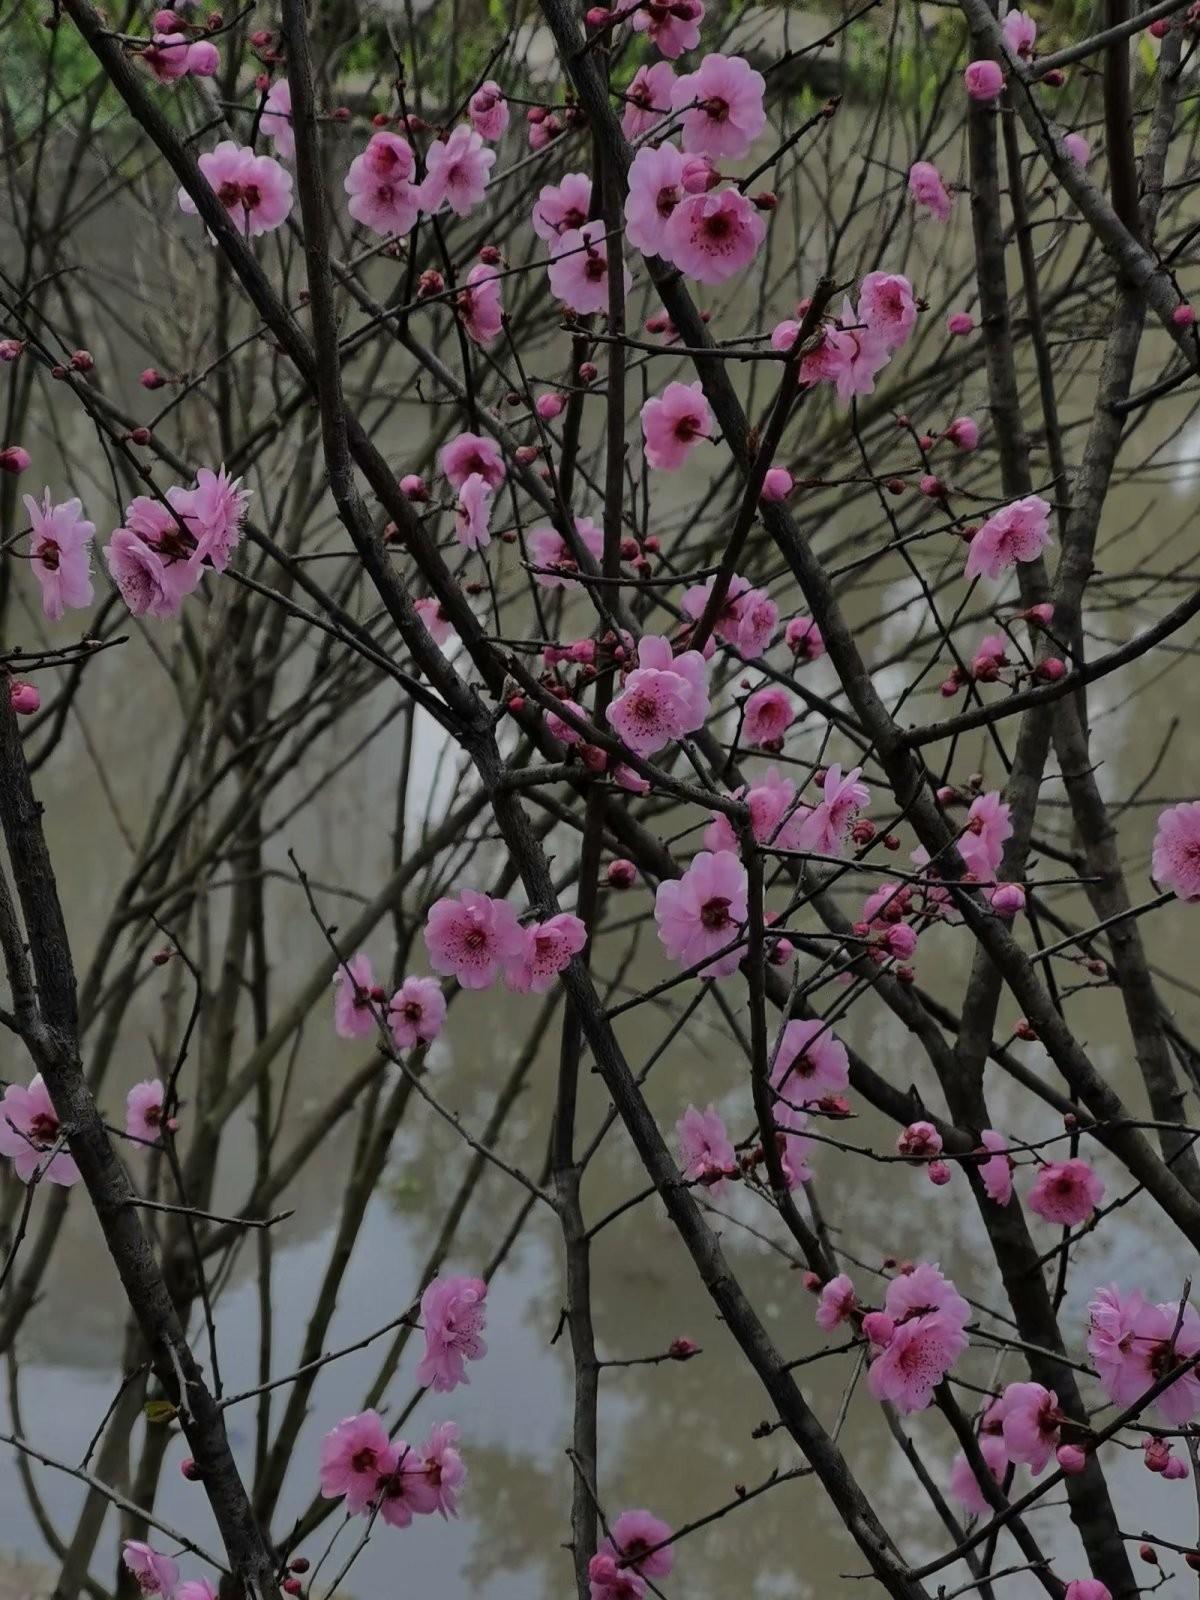 正月初六桃花开,蜜蜂闻讯采蜜来_图1-2